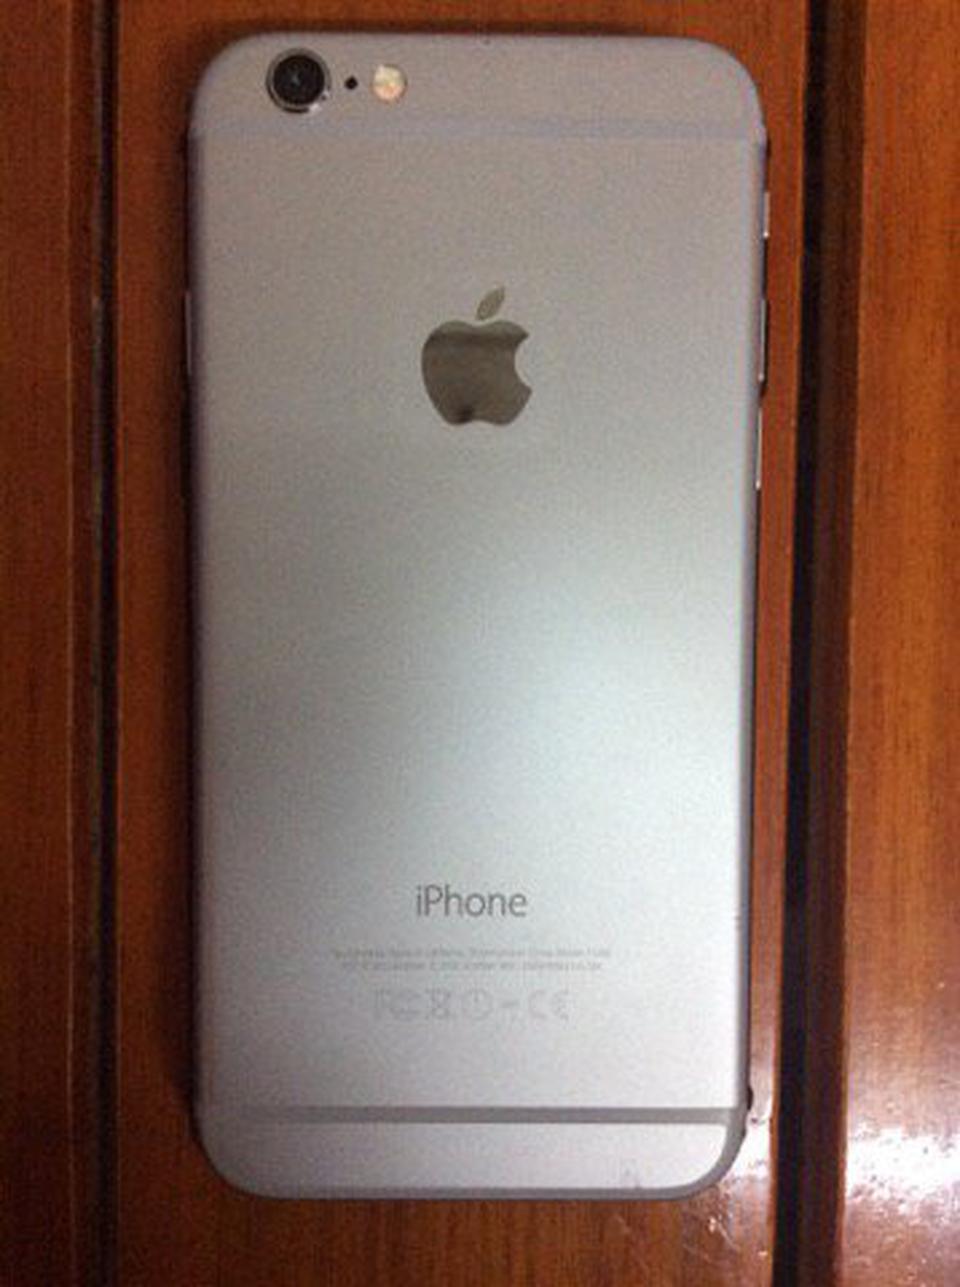 iphone6ไอโฟน6 สีขาวสวยๆ รูปที่ 2